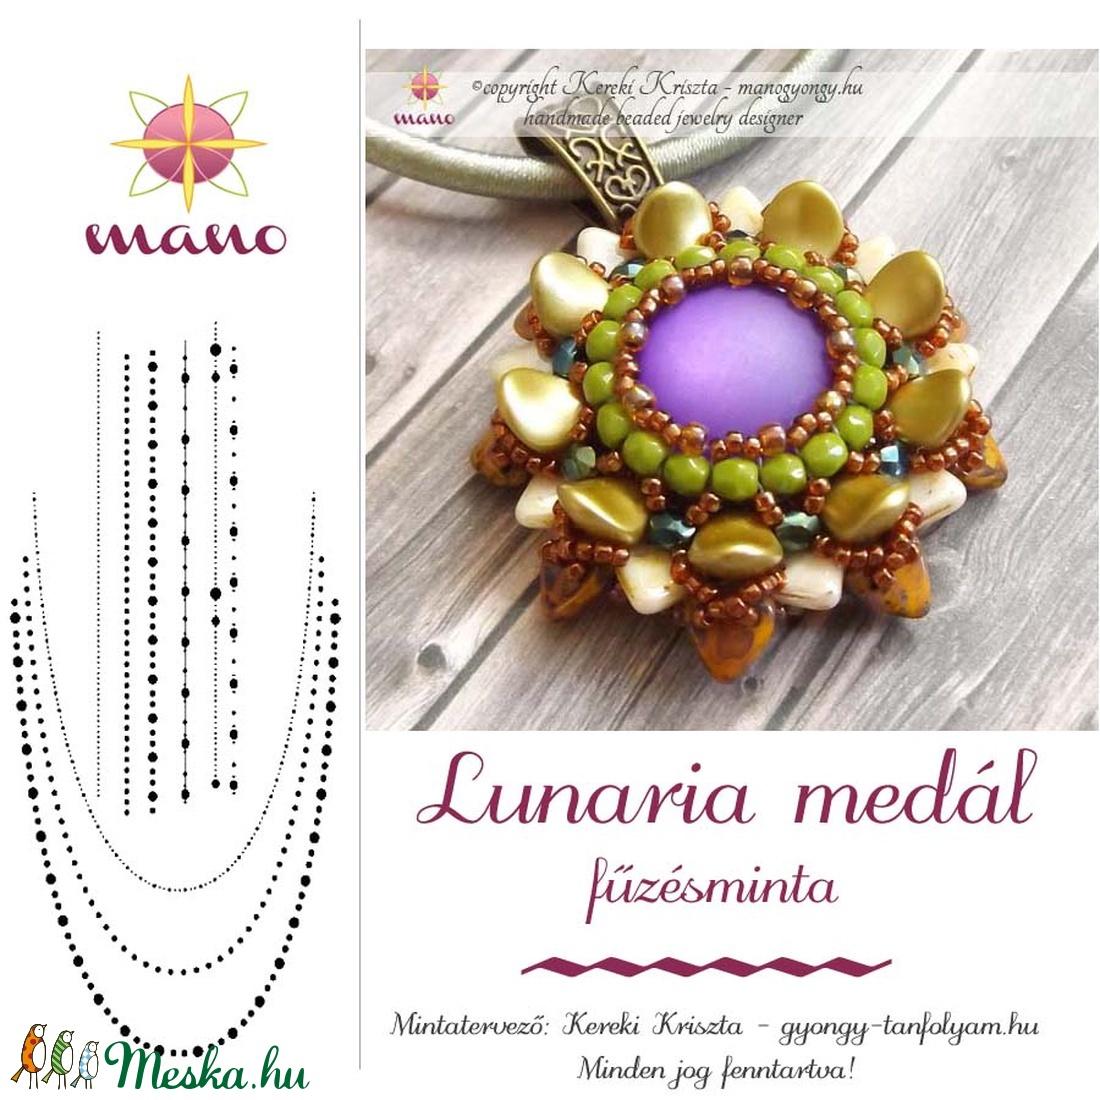 Lunaria medál fűzésminta (KKriszta) - Meska.hu